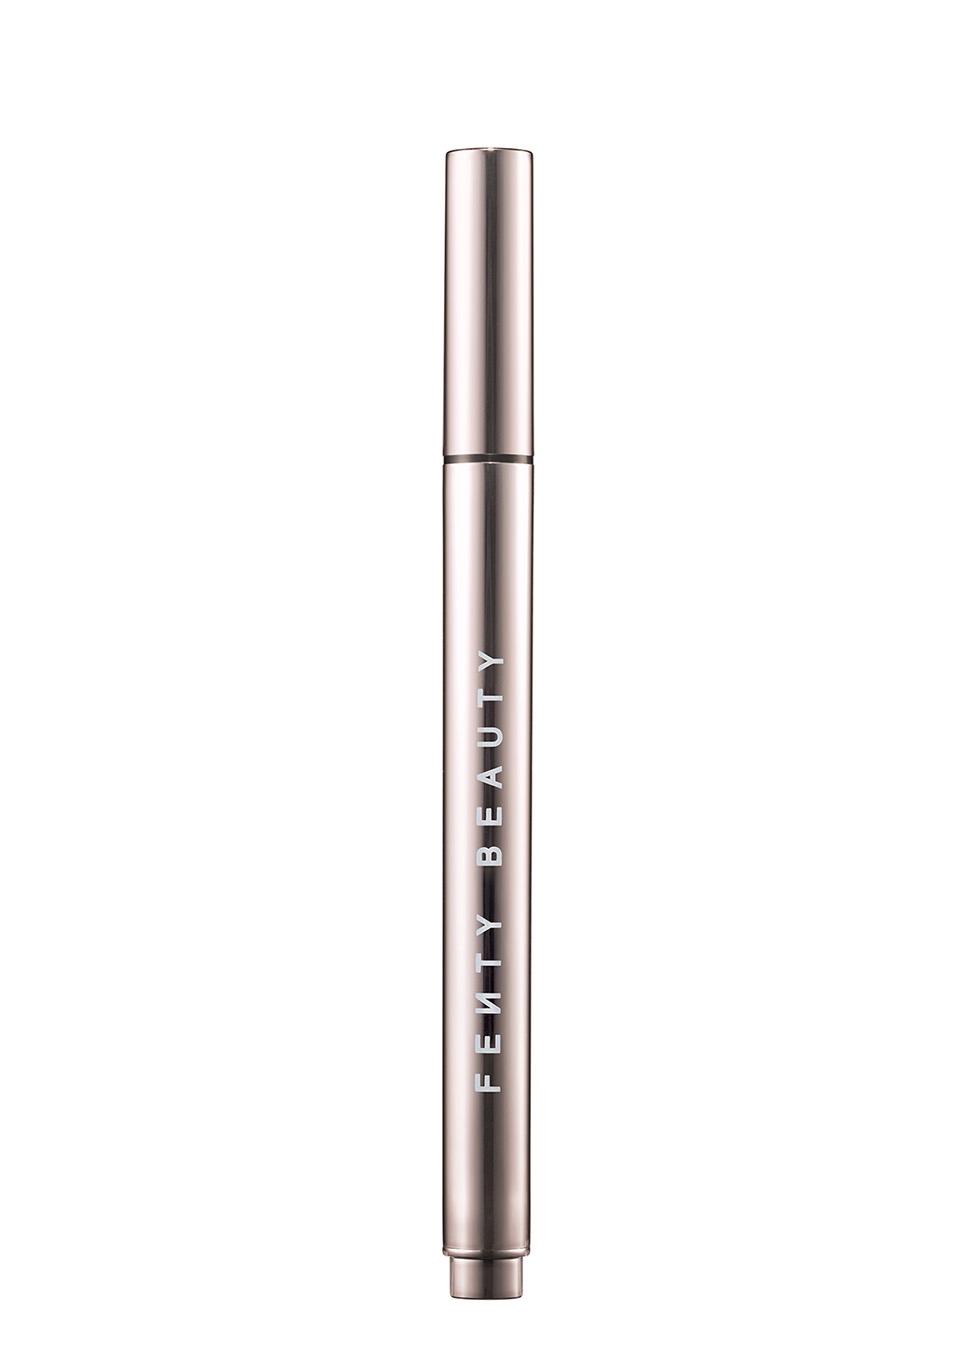 Rihanna Fenty Beauty Flyliner Longwear Liquid Eyeliner